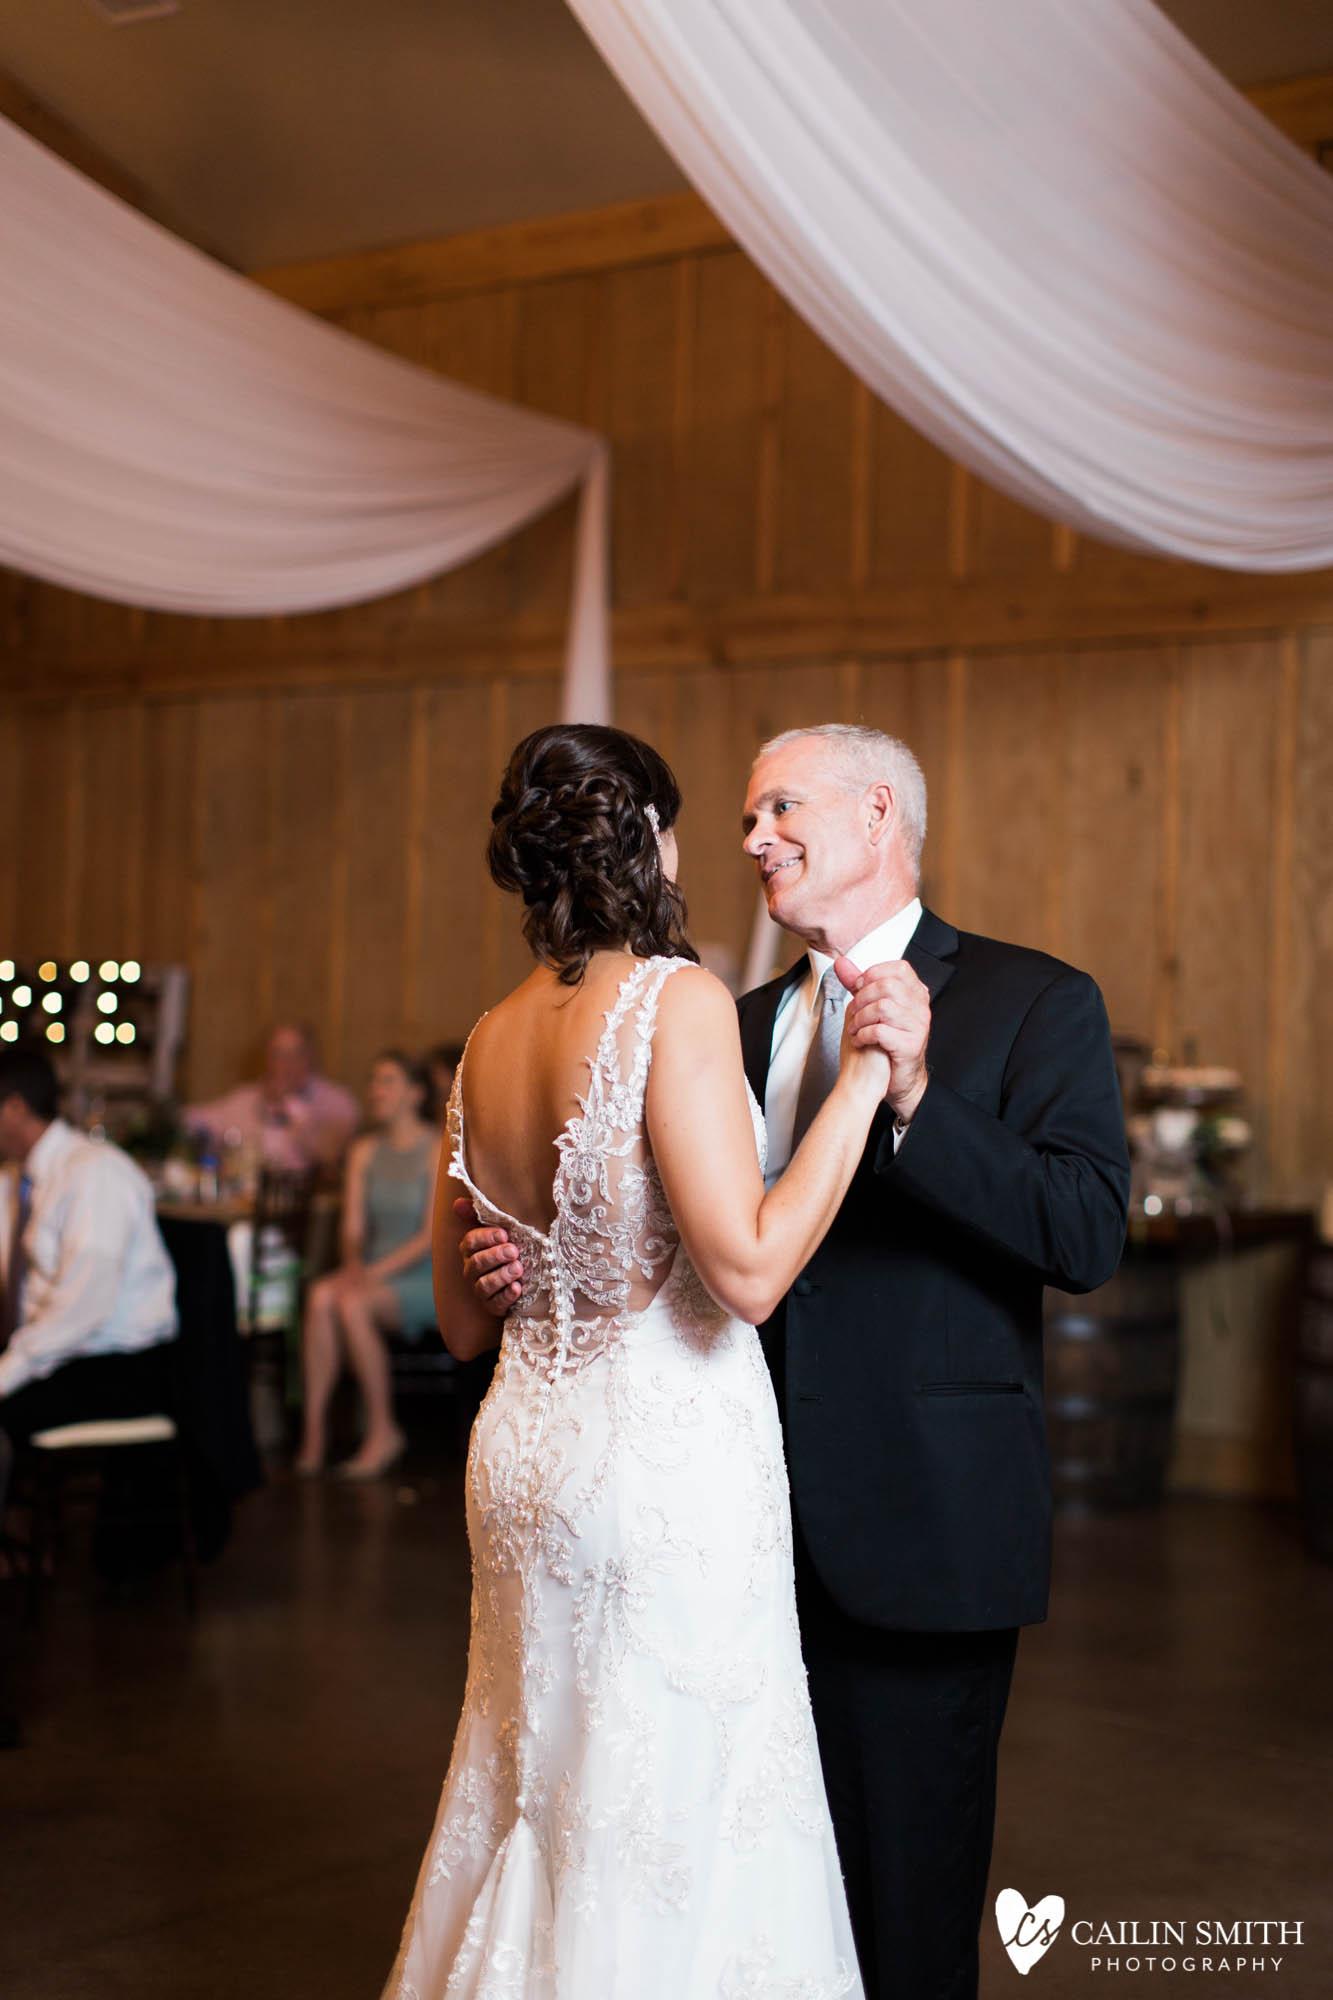 Bethany_Kyle_Bowing_Oaks_Plantation_Wedding_Photography_0104.jpg